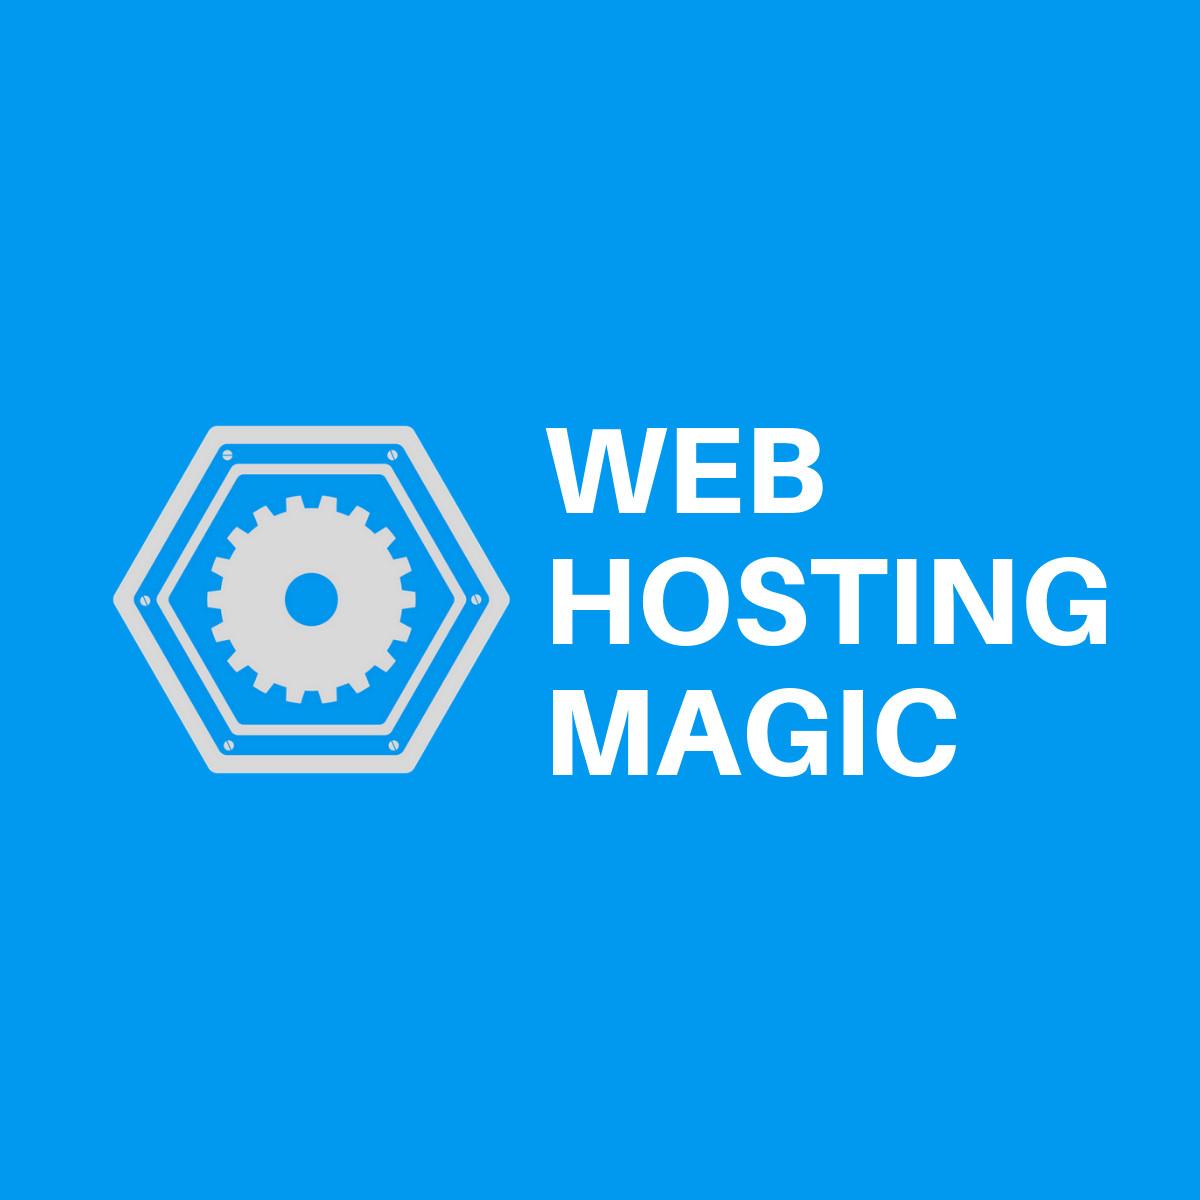 Web Hosting Magic